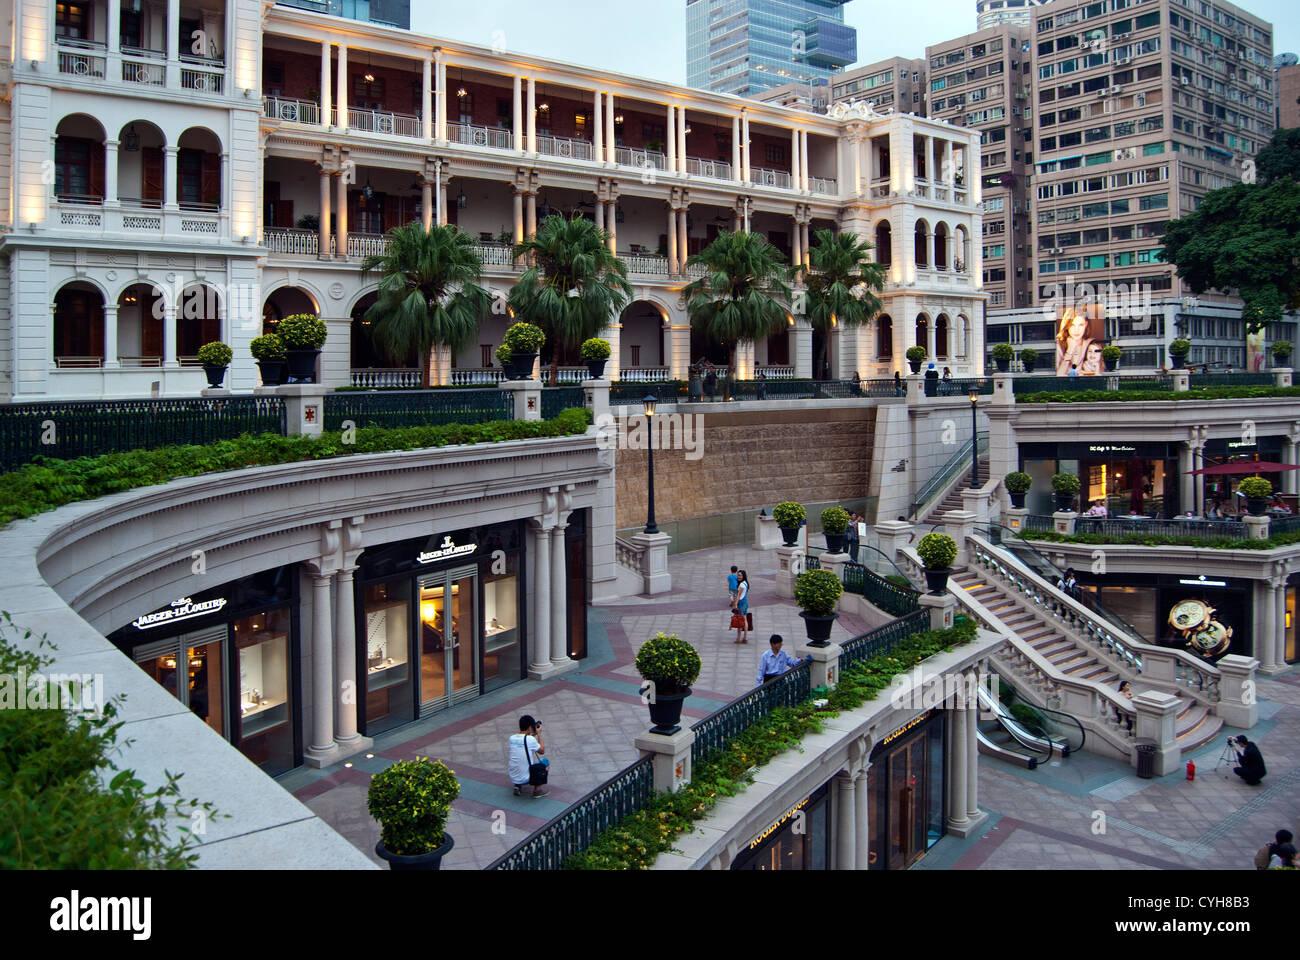 1881 Heritage, Former Hong Kong Marine Police Building, Kowloon, Hong Kong